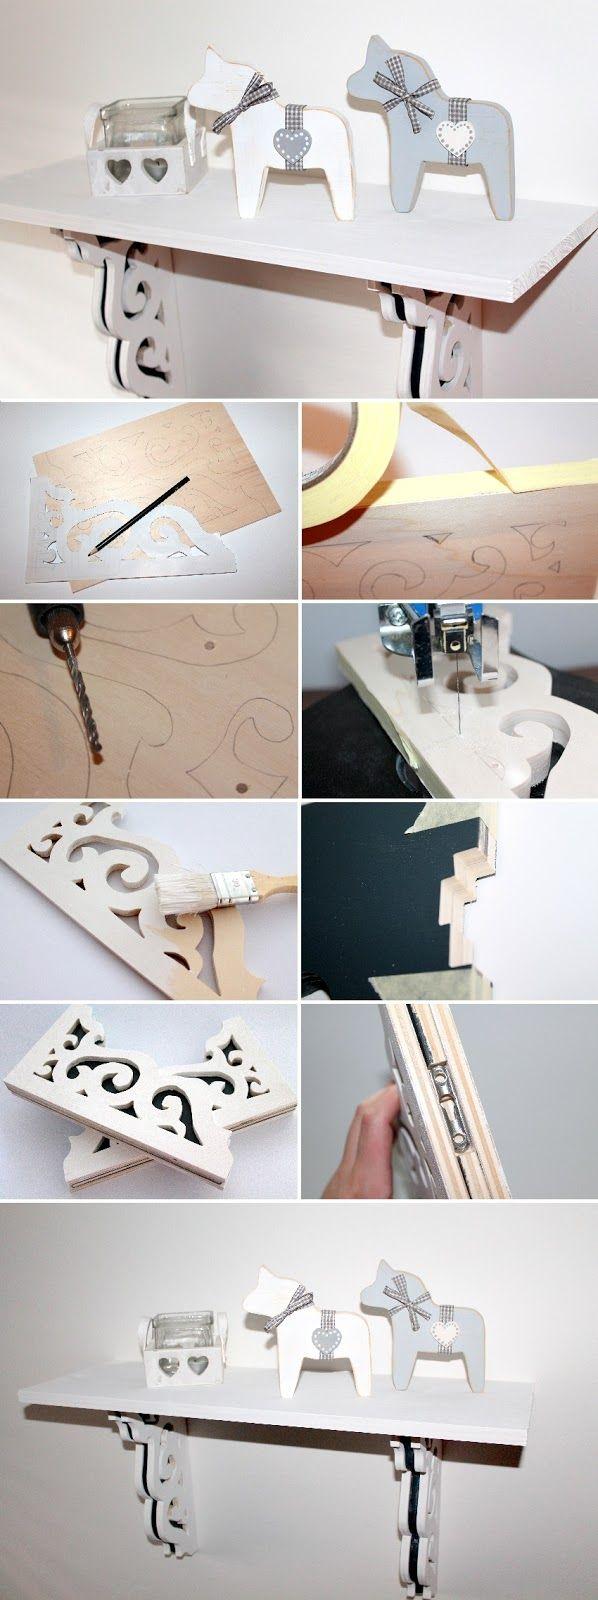 165 besten diycarinchen dekoration dekorationsideen bilder auf pinterest diy basteln. Black Bedroom Furniture Sets. Home Design Ideas